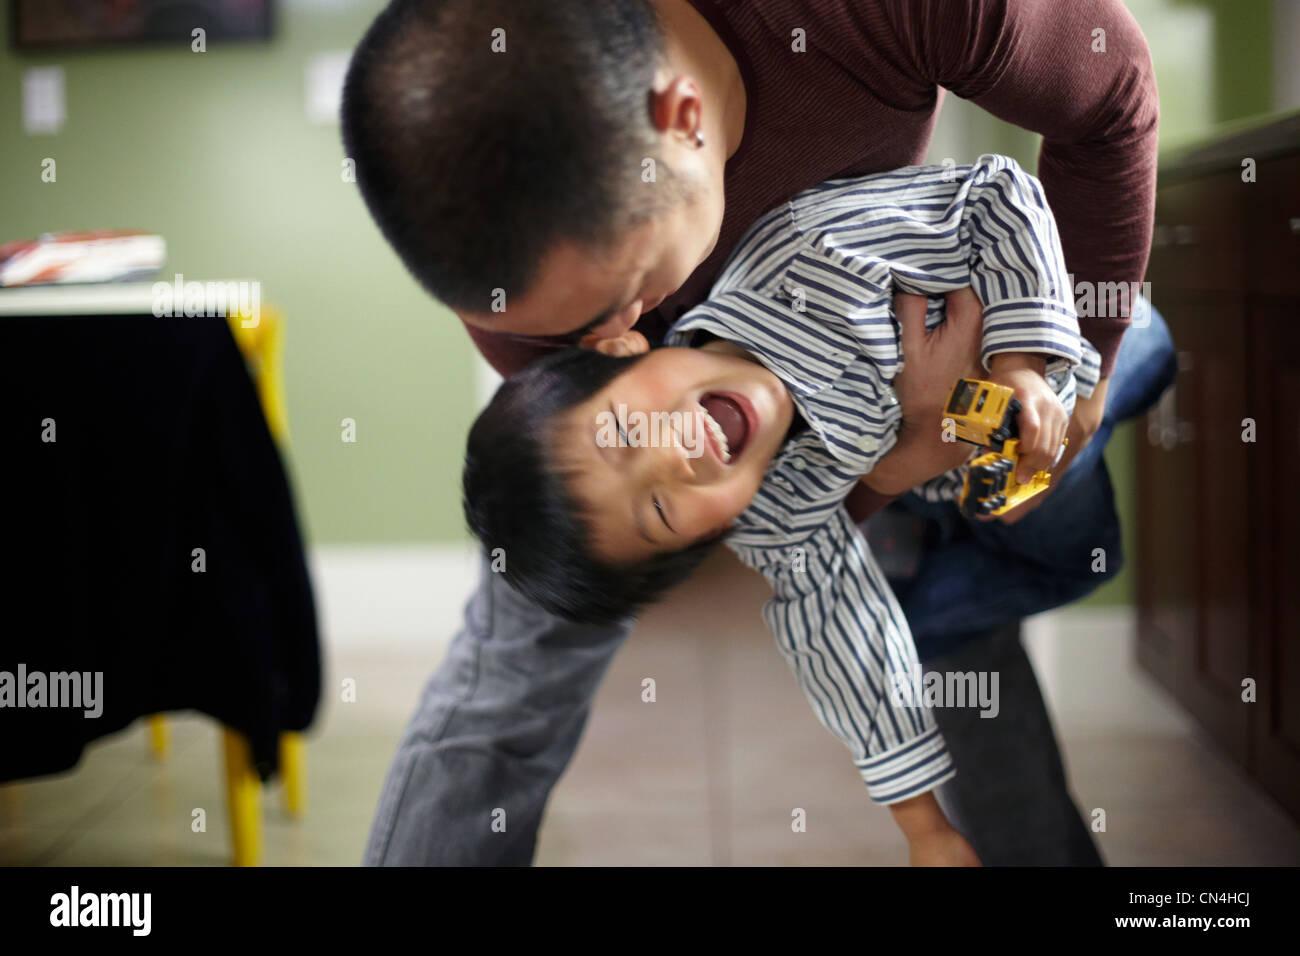 Hombre y niño jugando Imagen De Stock